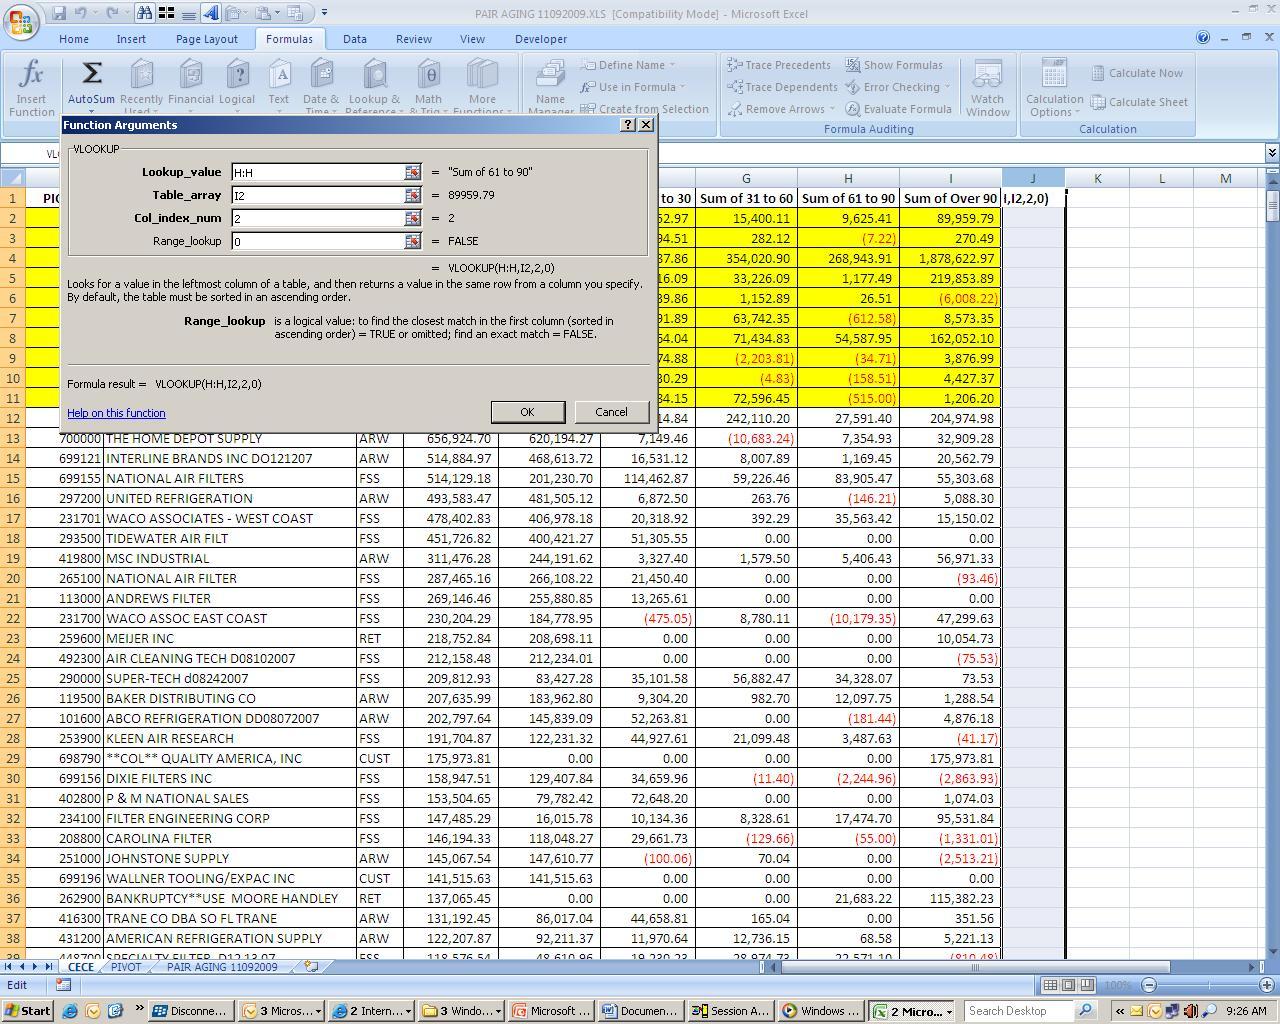 MS Excel 2003 Proficiency Quiz: Trivia!